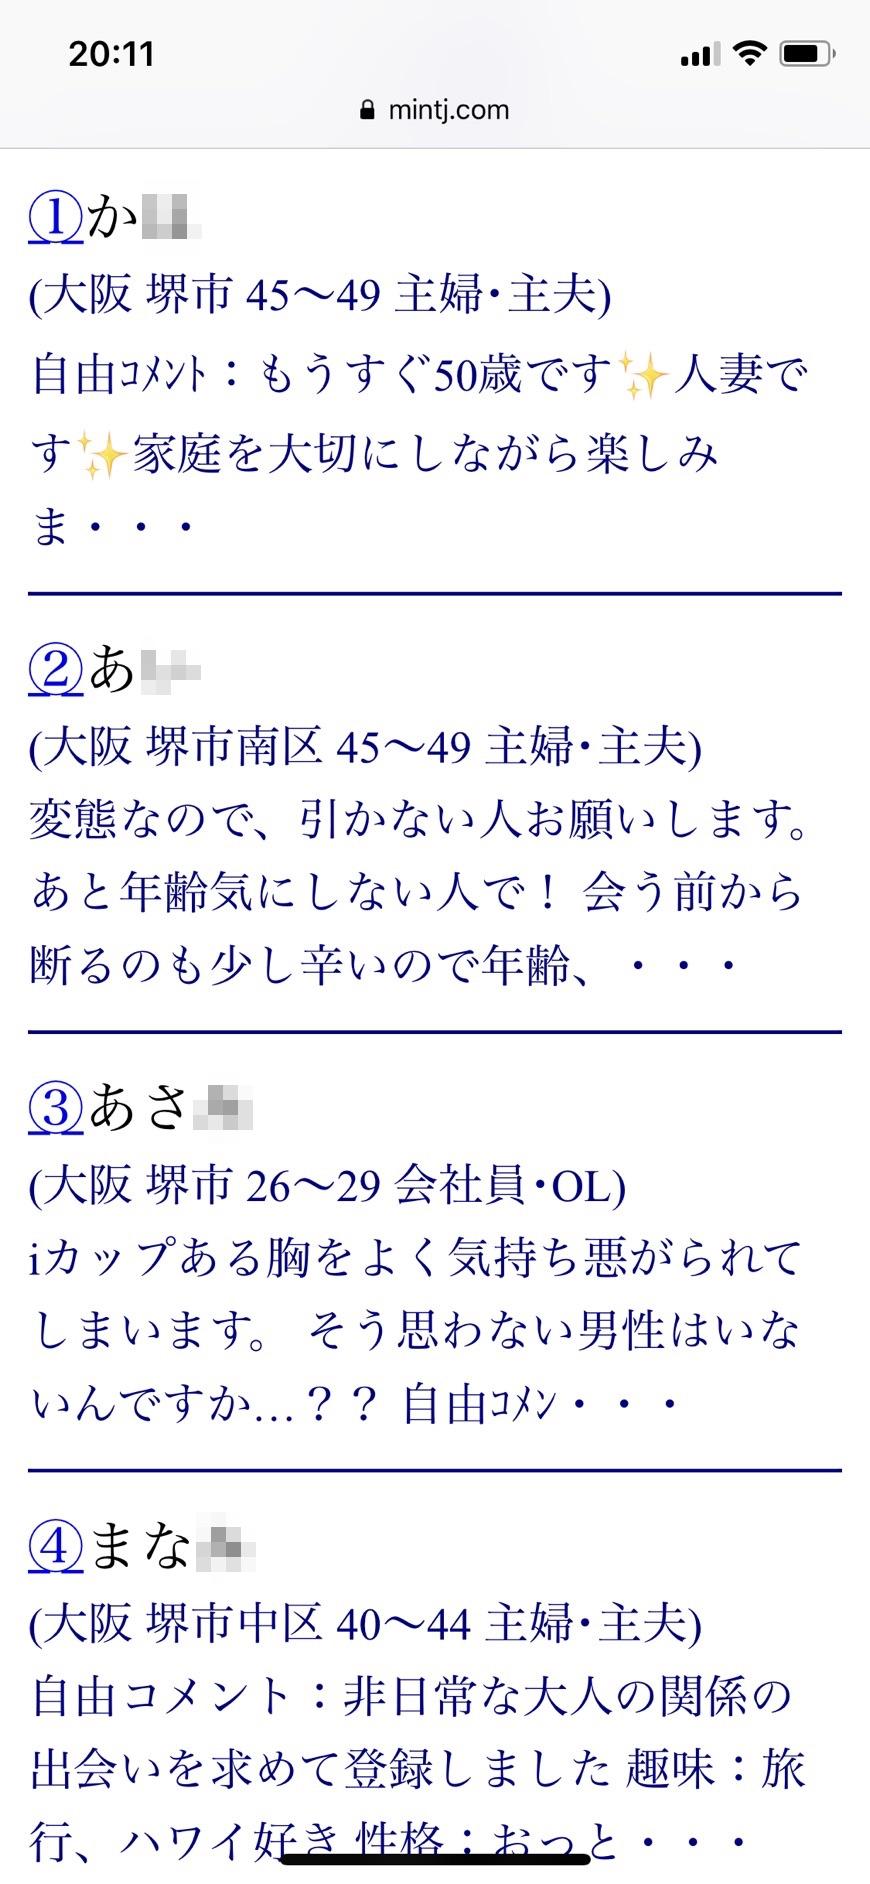 堺・エッチ(Jメール)